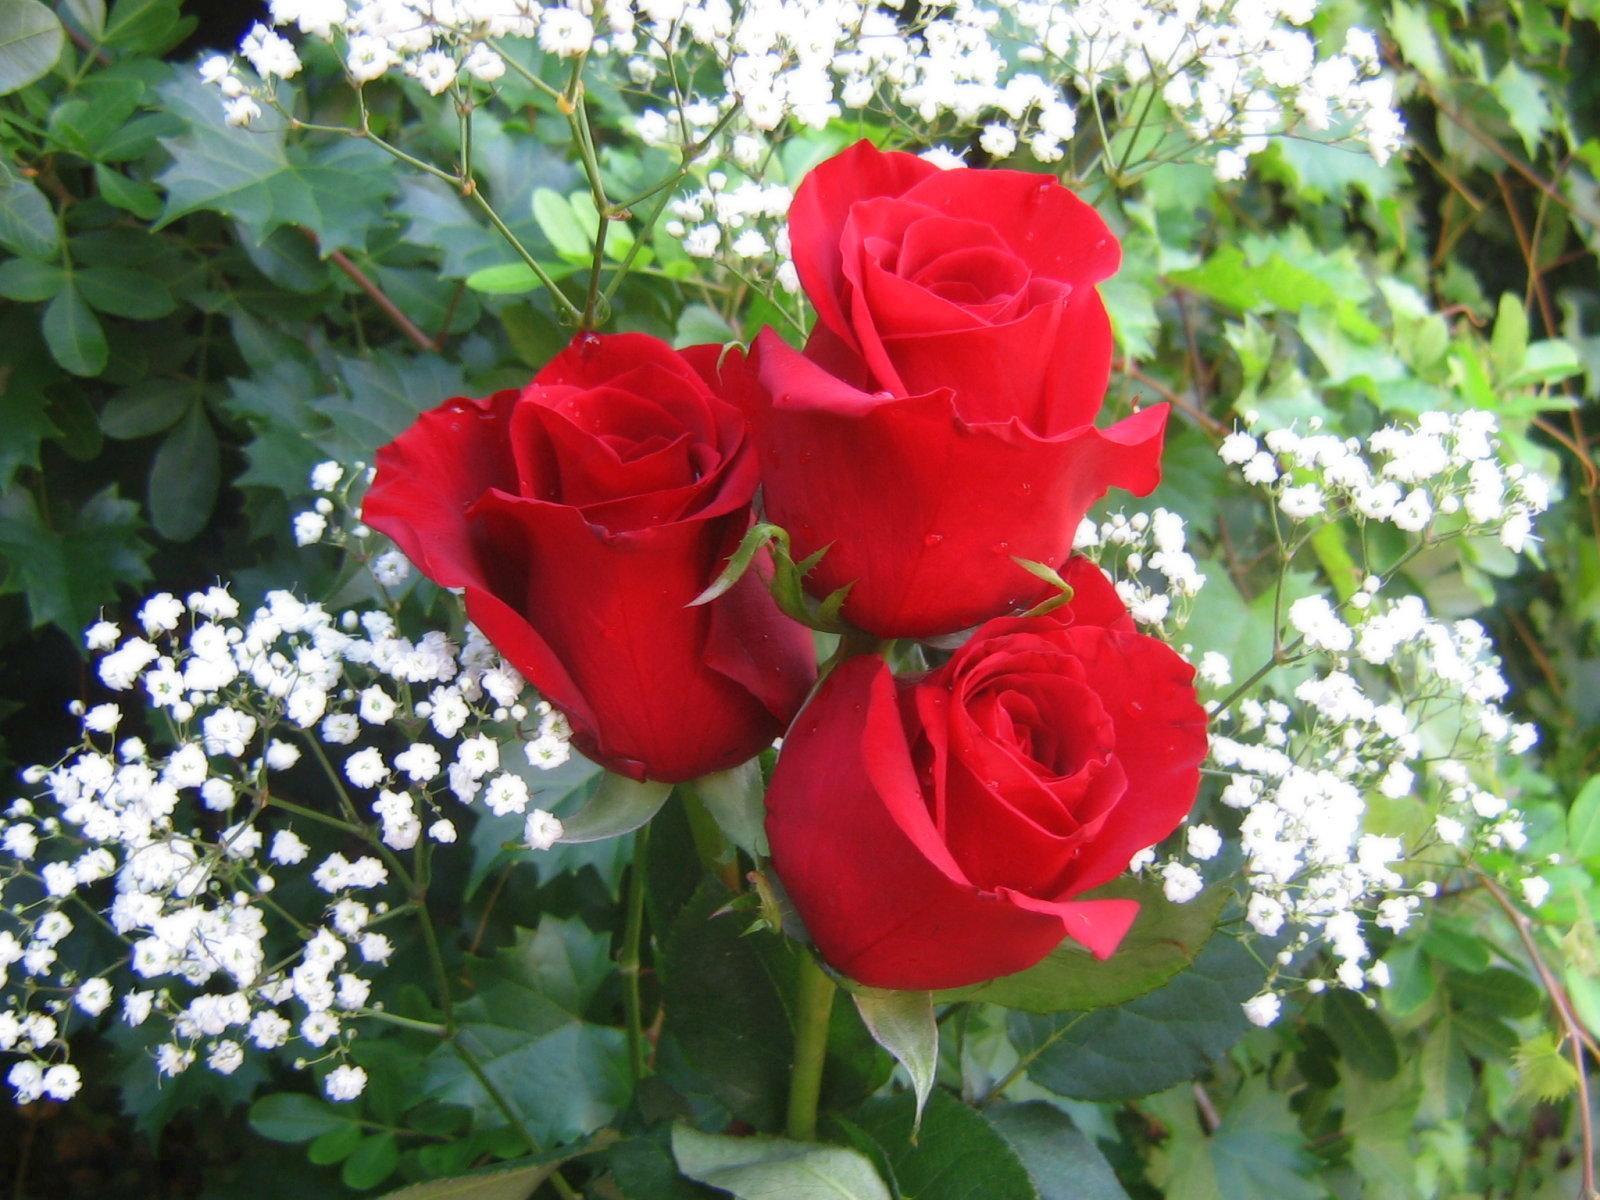 http://2.bp.blogspot.com/-3djrUHIn-r8/UNAsVMn7U2I/AAAAAAABBPQ/jlfOSZLkQpQ/s1600/bm-image-715226.jpeg